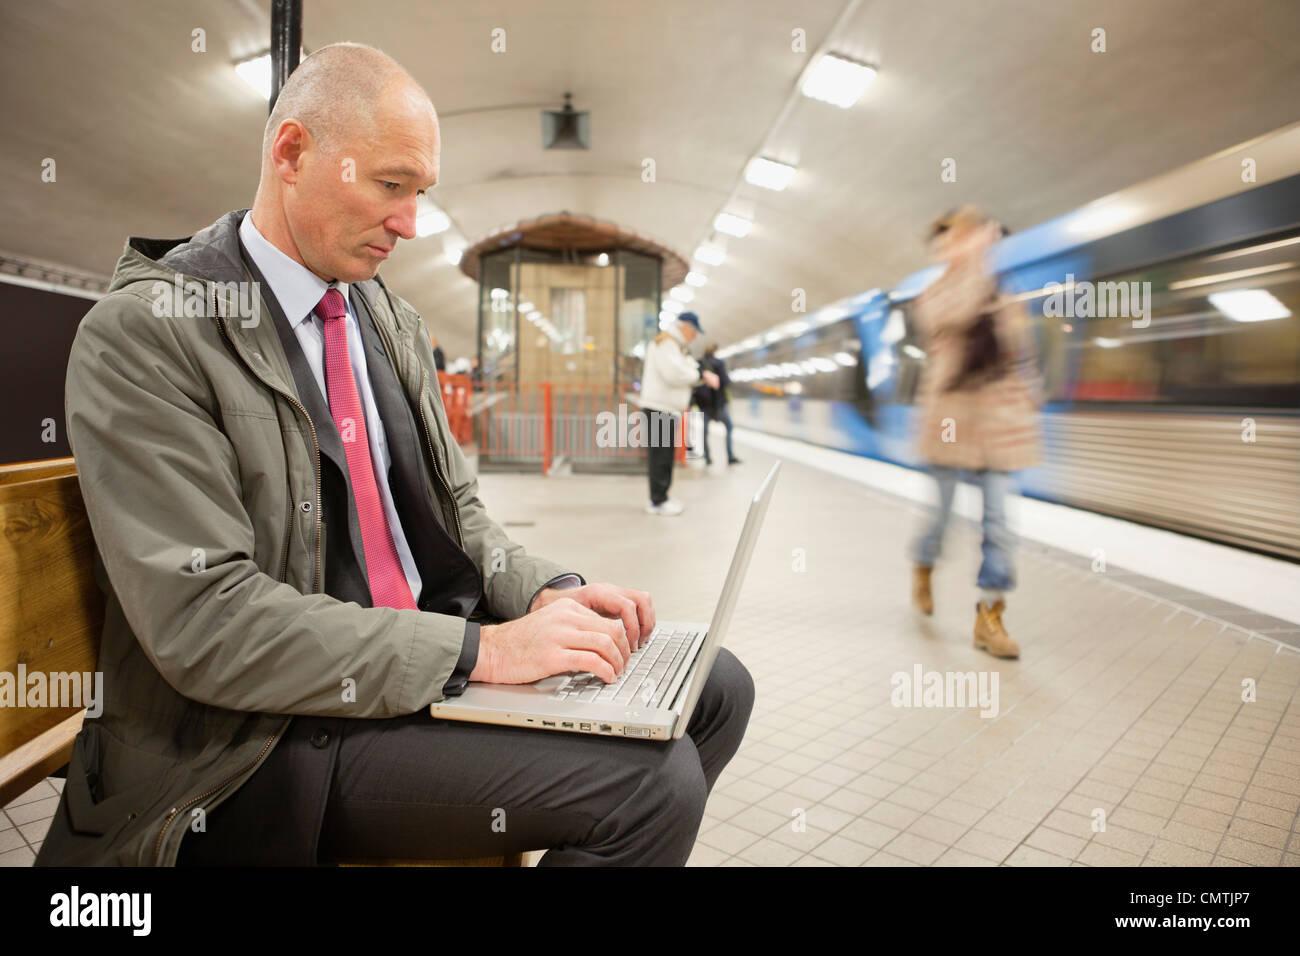 Man on platform using laptop - Stock Image